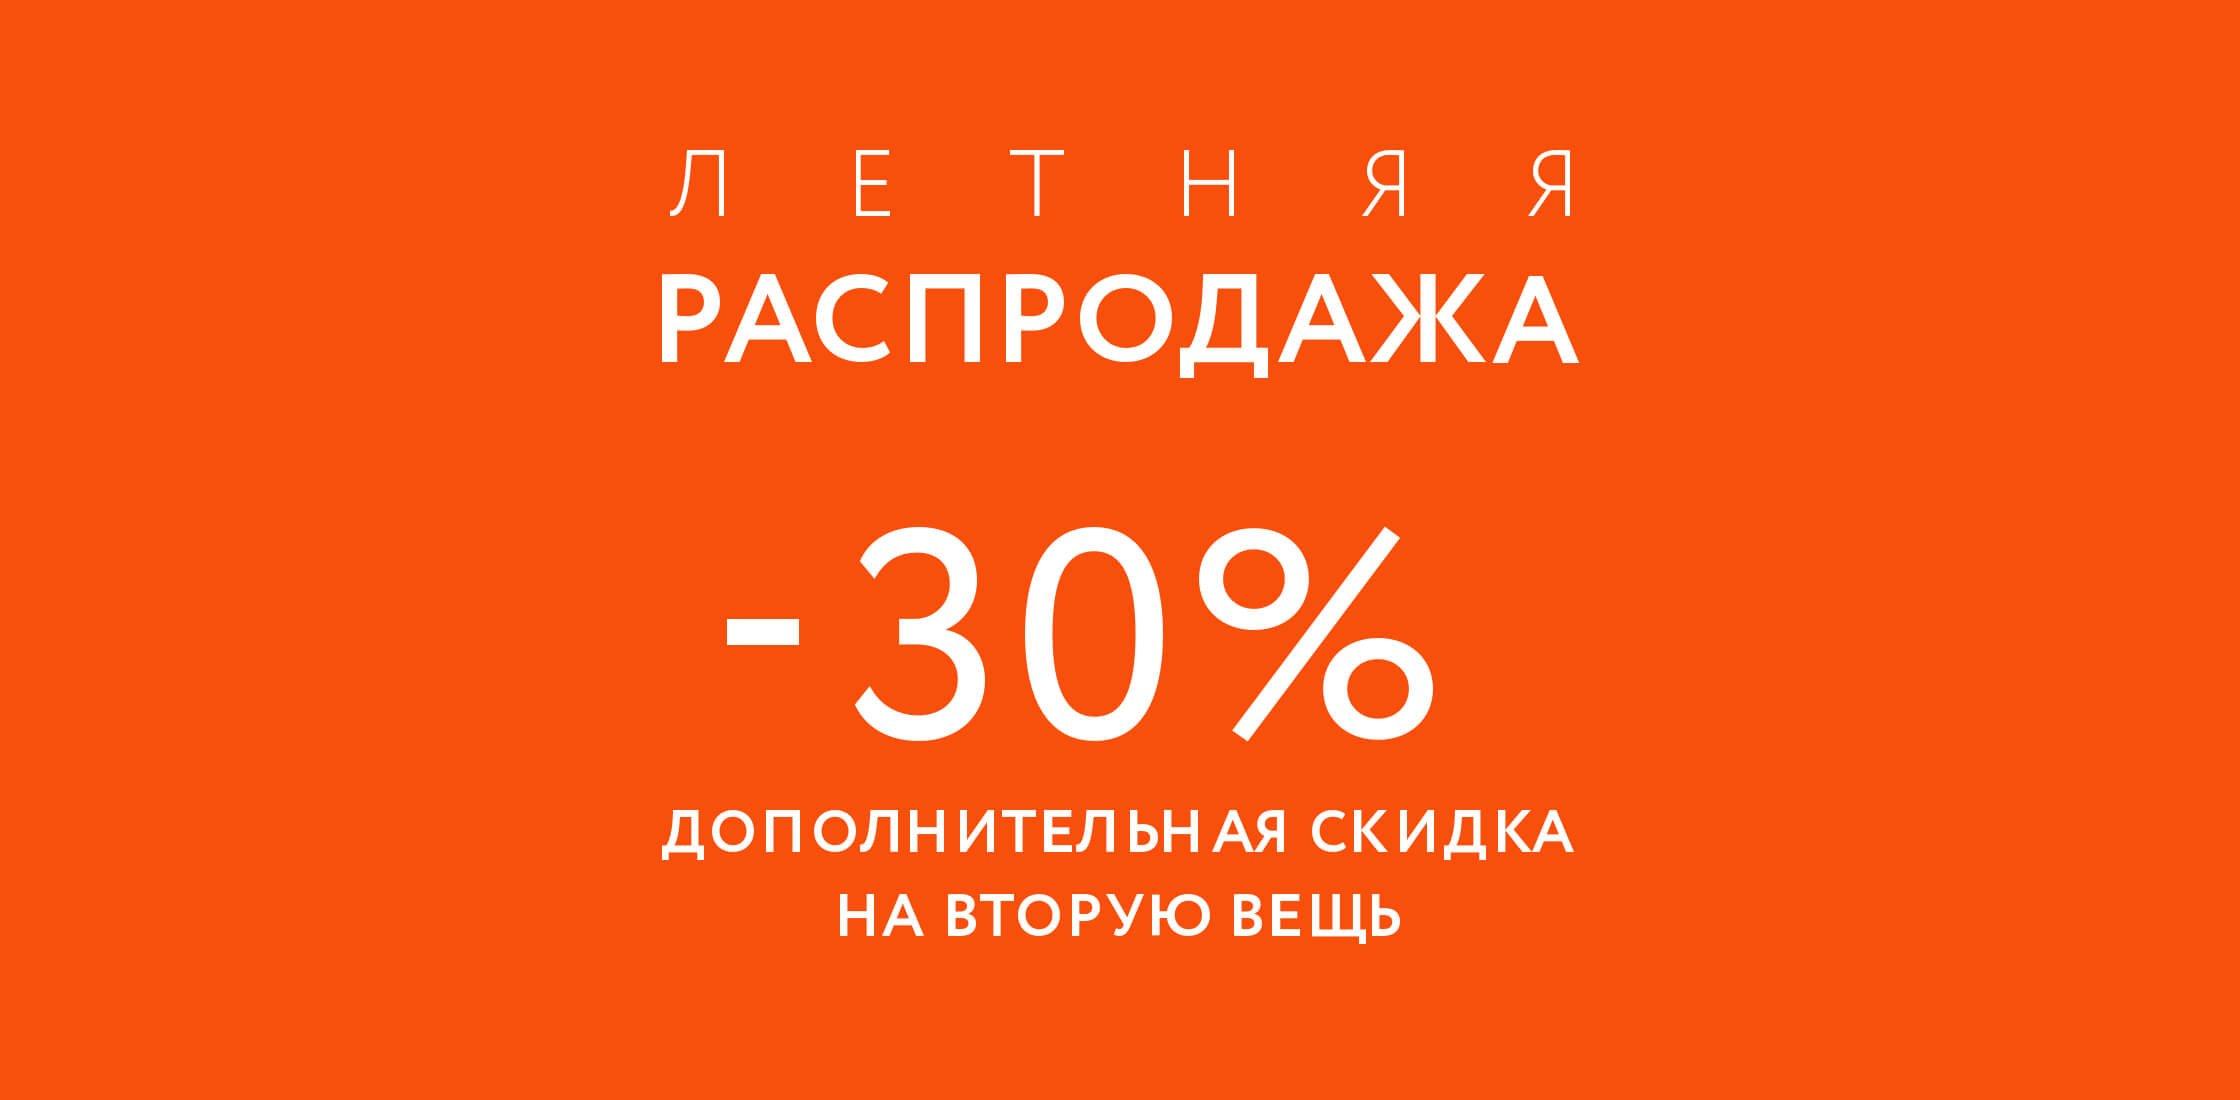 c25e7bc0236 ЦУМ - интернет-магазин одежды, обуви и аксессуаров ведущих мировых ...